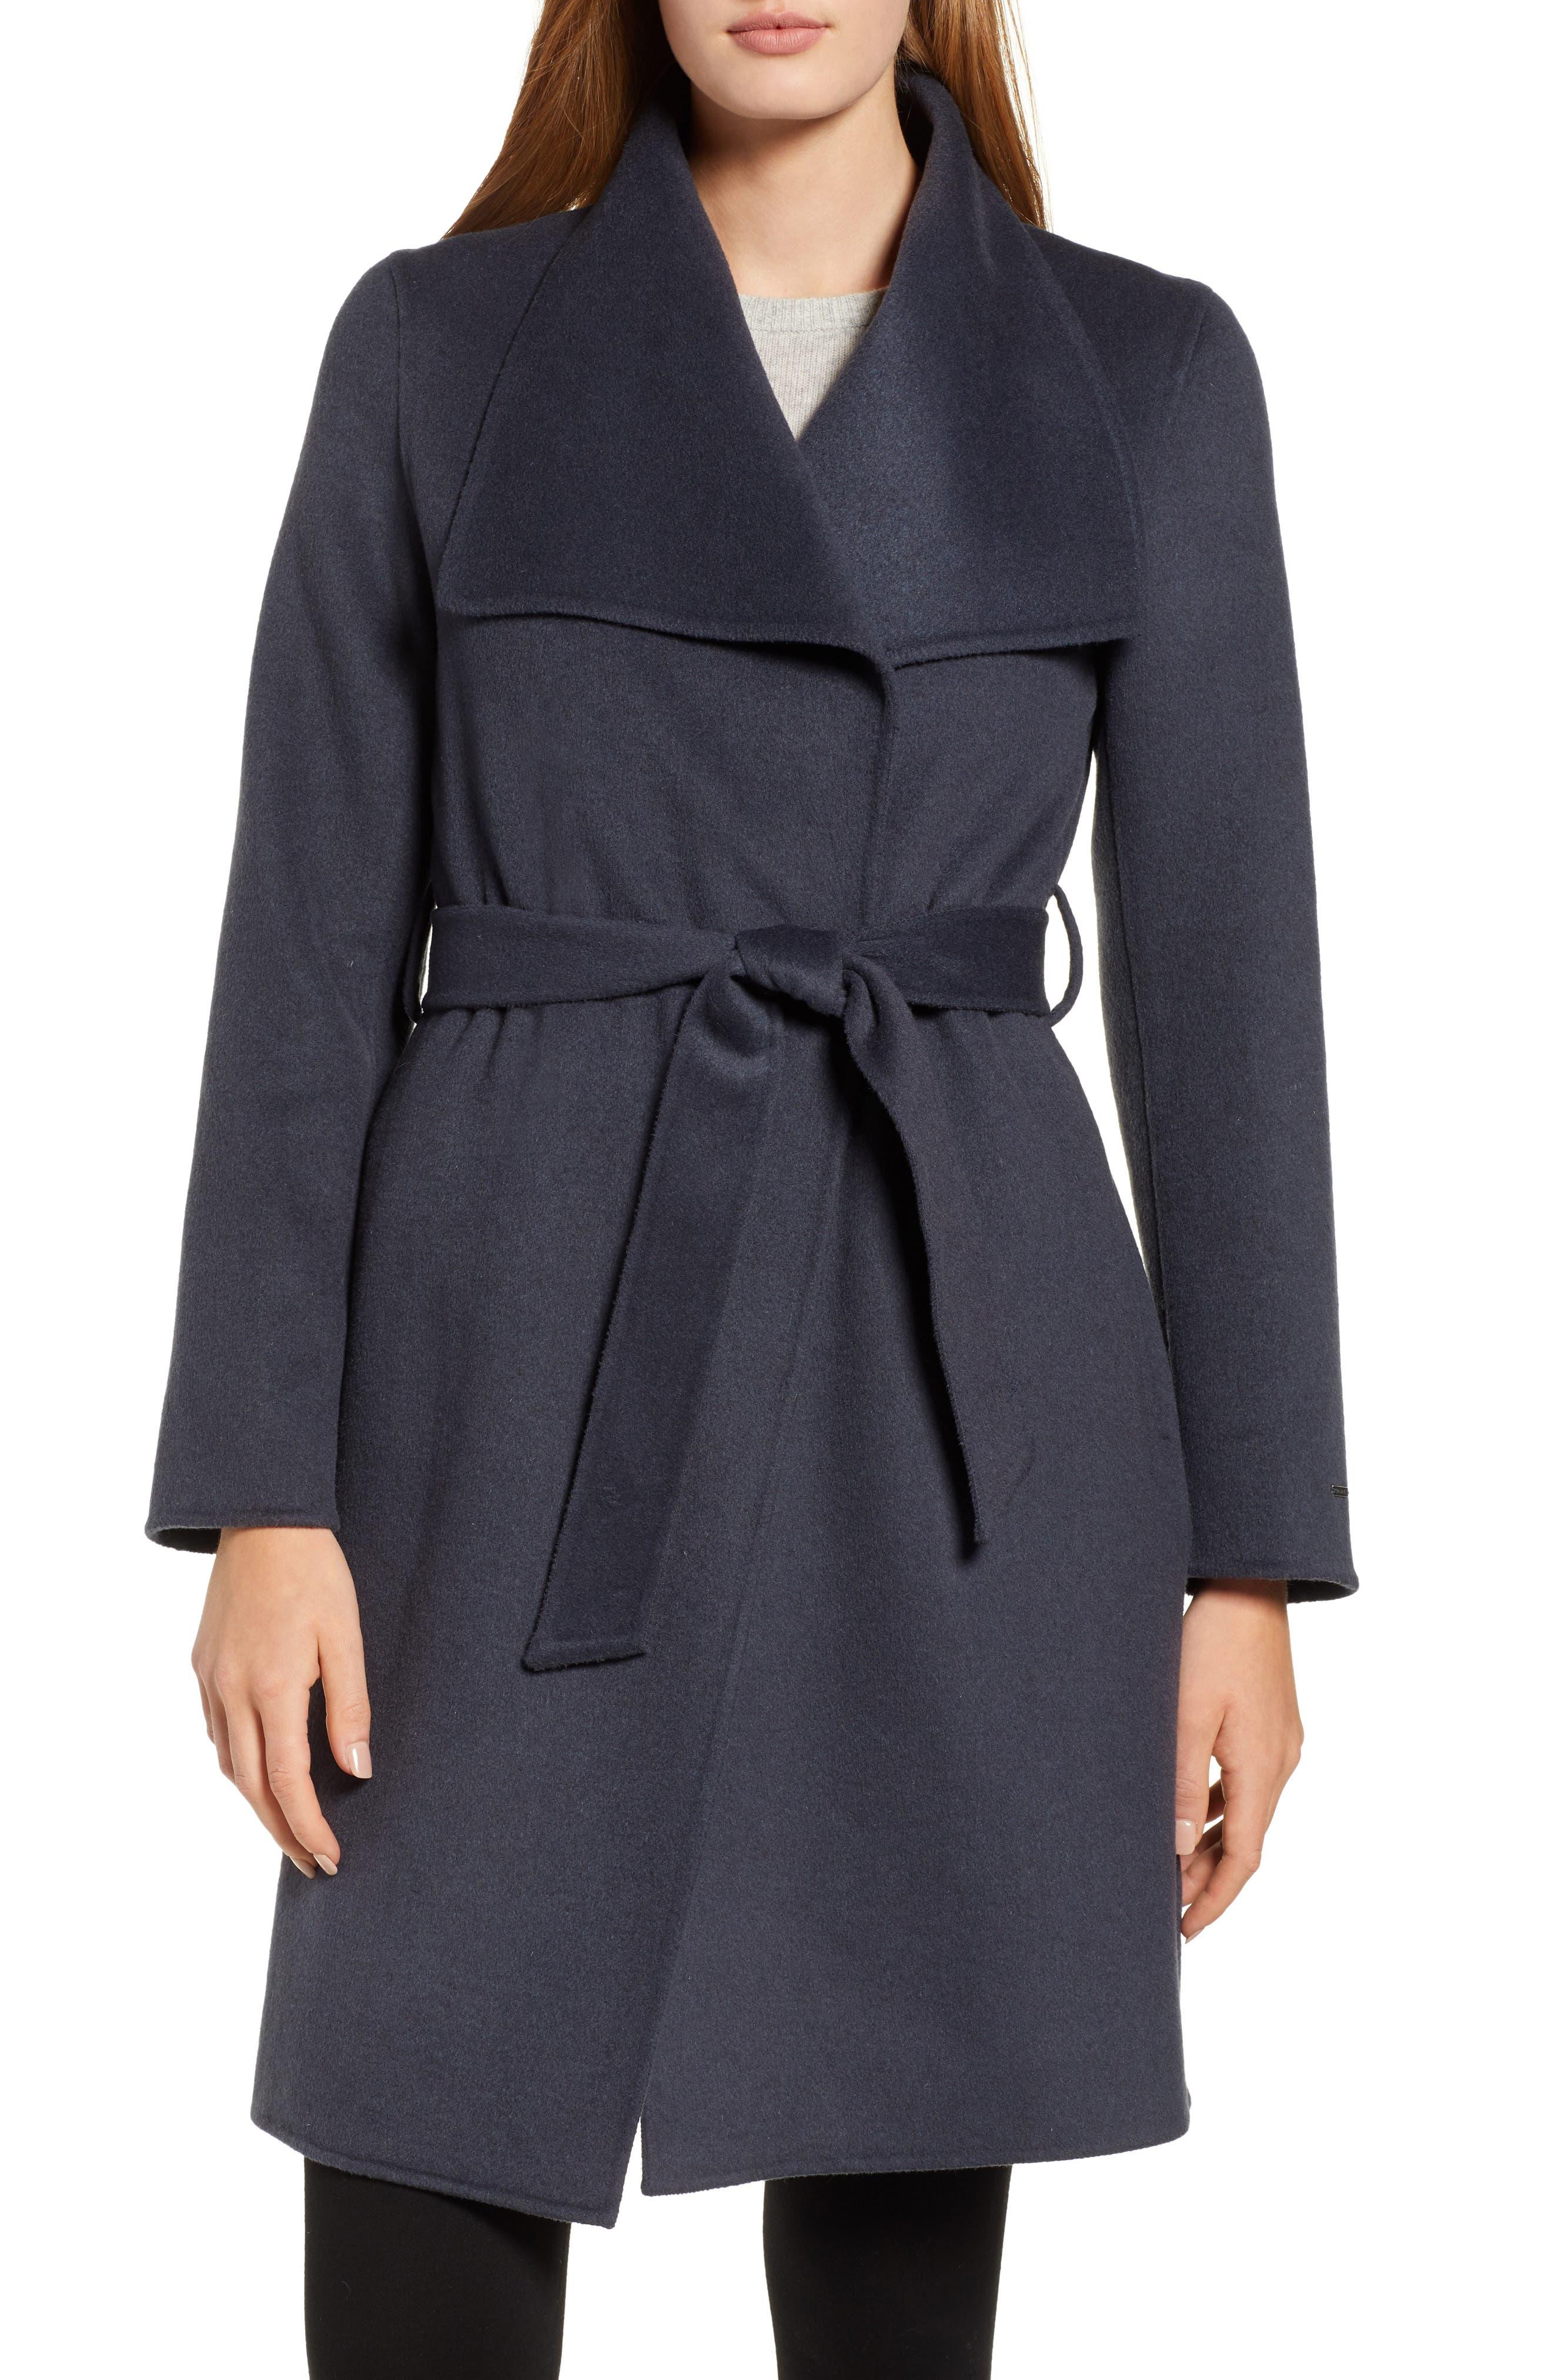 Ellie Double Face Wool Blend Wrap Coat, Main, color, 020